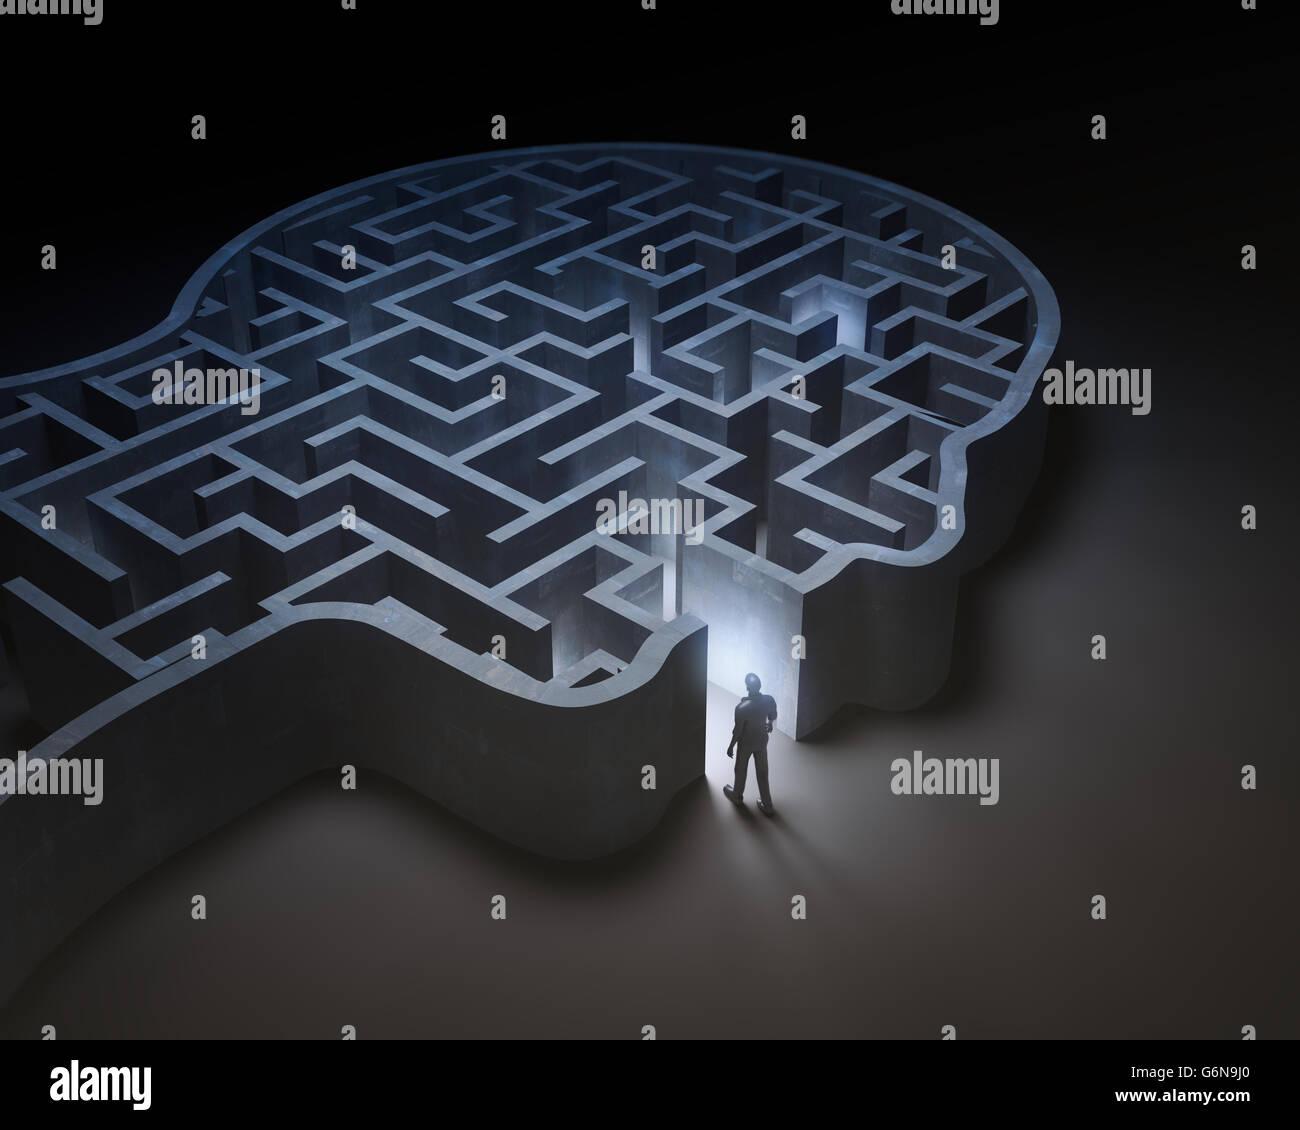 L'homme entrant dans un labyrinthe à l'intérieur d'une tête - 3D illustration Photo Stock